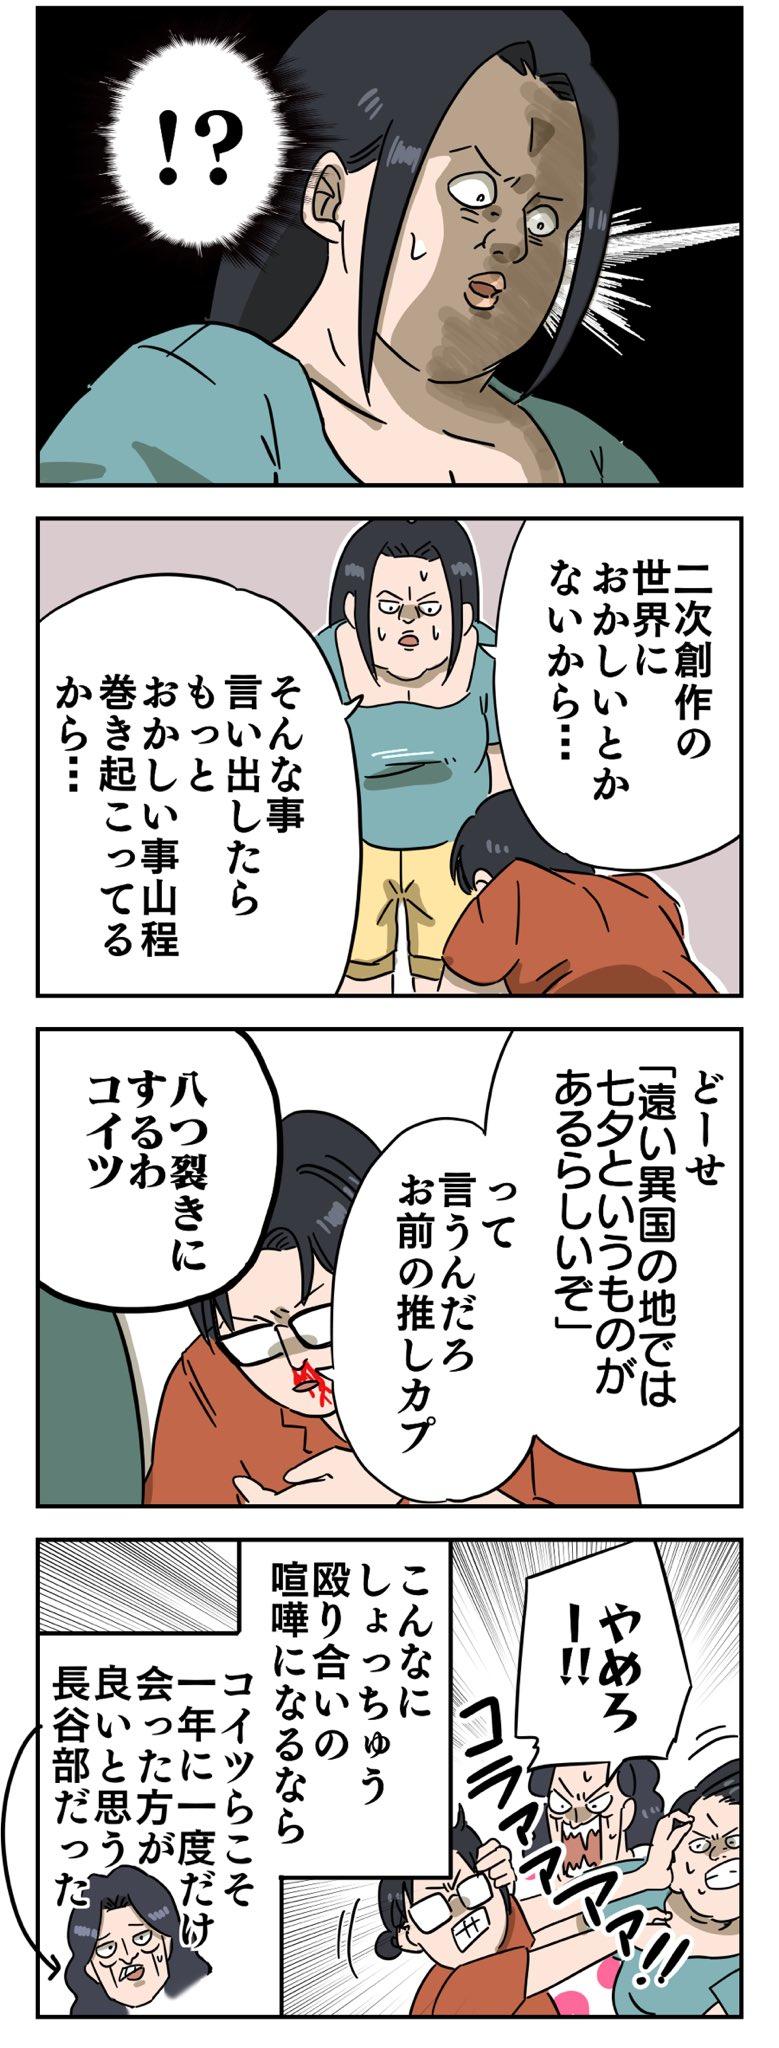 腐女子の七夕問題wwwエモシチュだけどファンタジーに使えるか!?